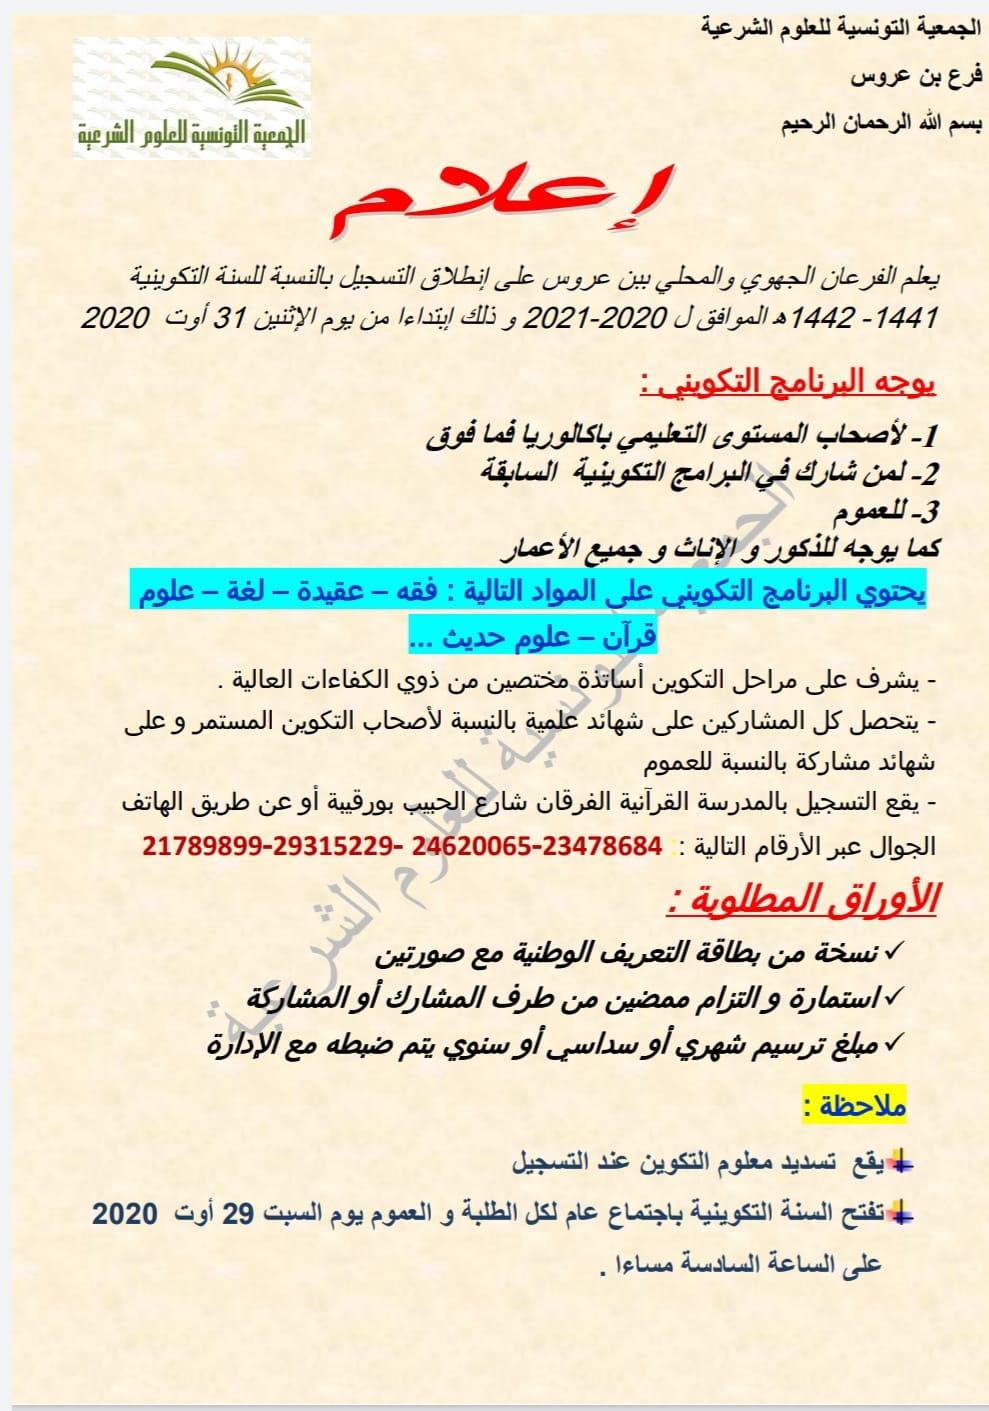 إنطلاق التسجيل بالجمعية التونسية للعلوم الشرعية بن عروس للسنة الدراسية الجديدة